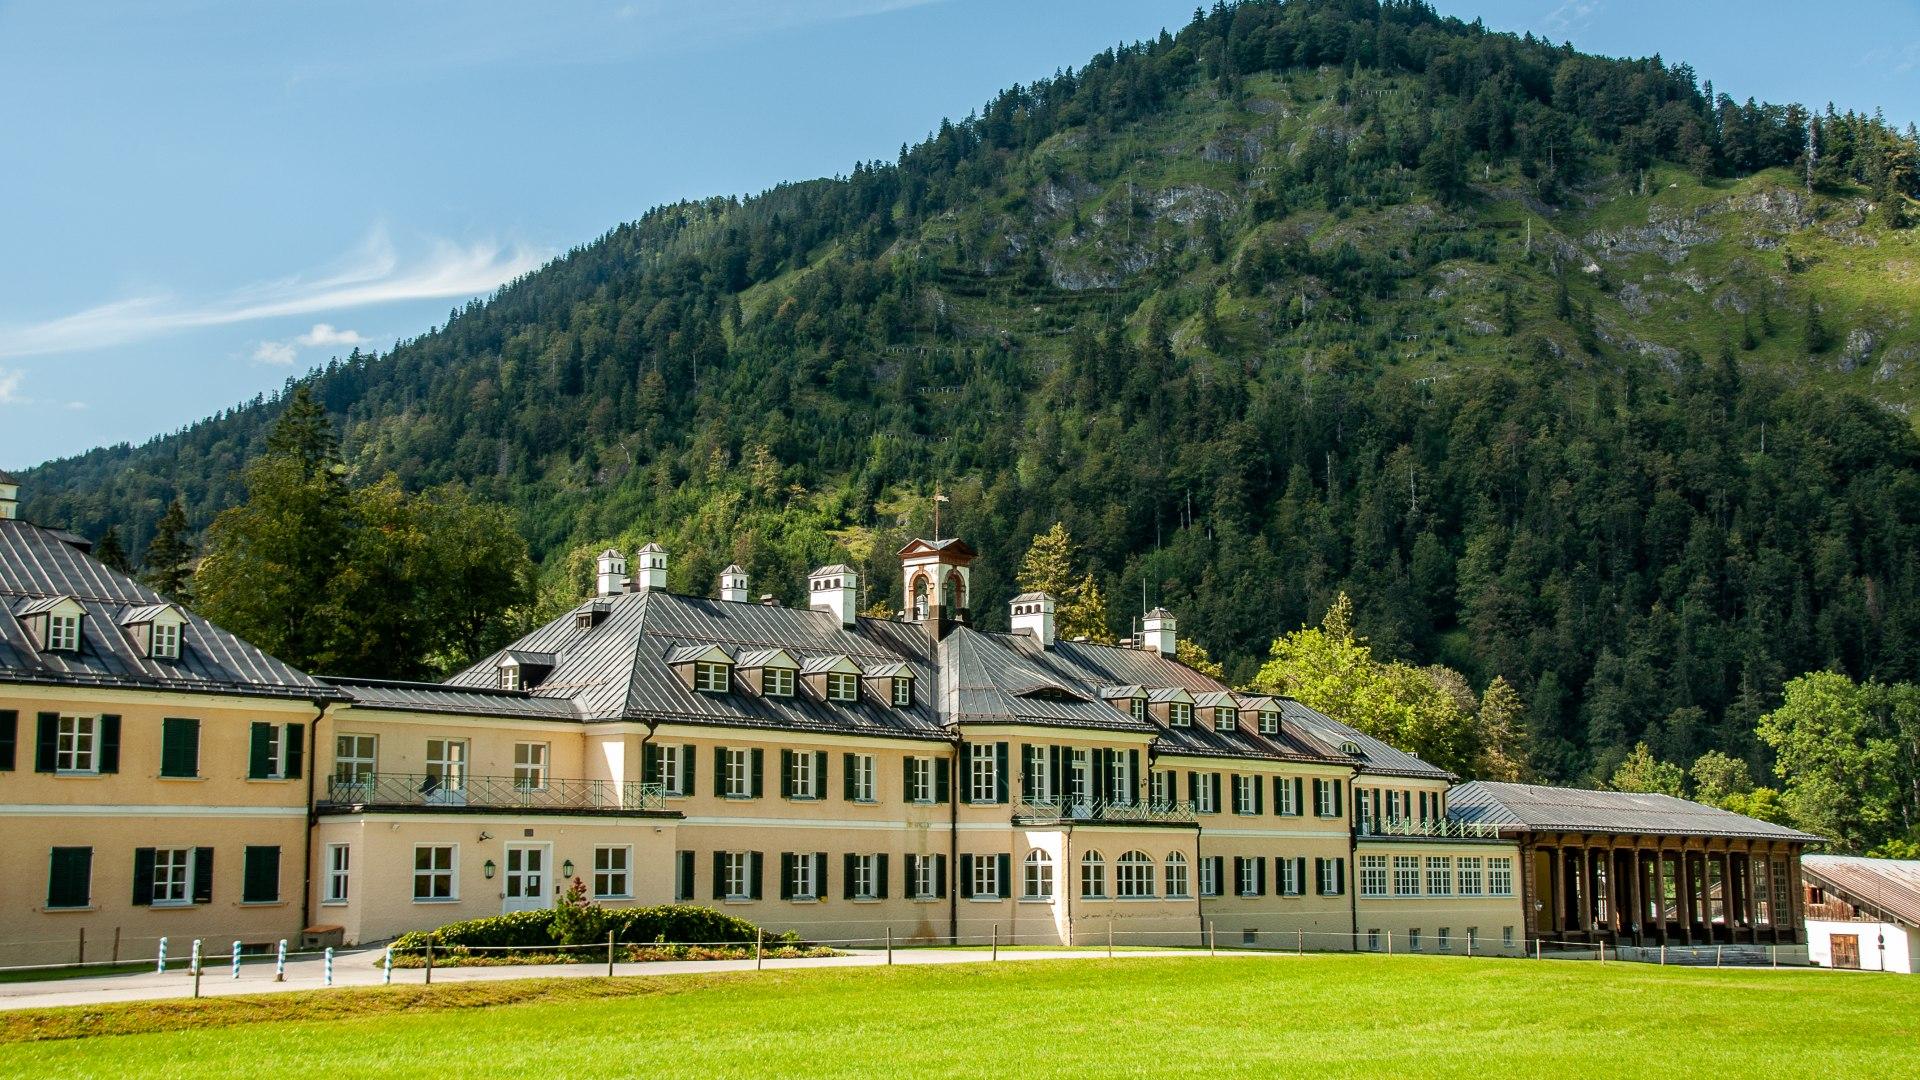 Wildbad Kreuth, © Der Tegernsee, Sabine Ziegler-Musiol